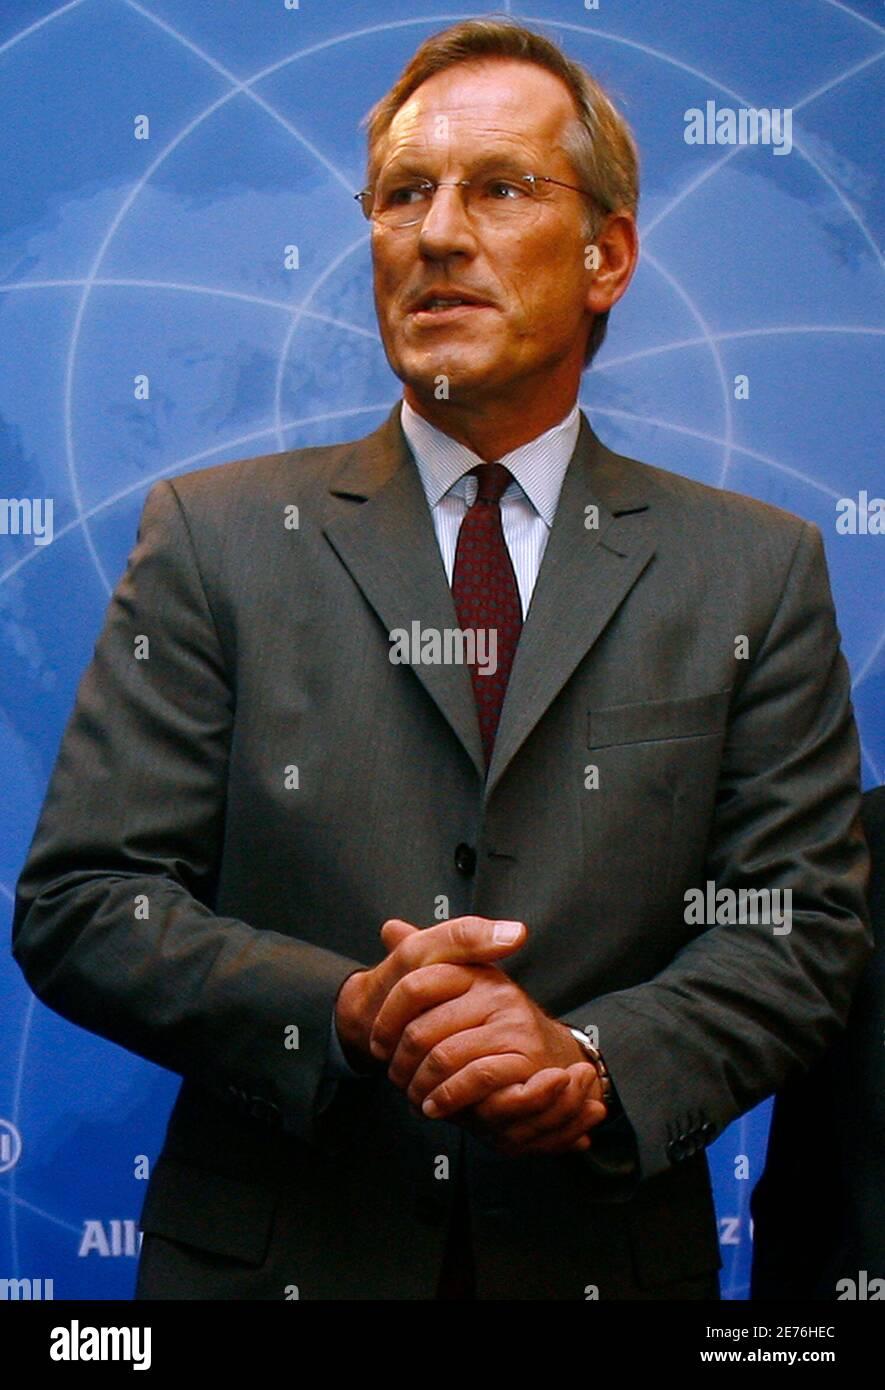 Michael Diekmann, PDG du plus grand assureur européen Allianz se, arrive à Munich le 26 février 2009 pour la conférence de presse annuelle de l'entreprise. REUTERS/Alexandra Beier (ALLEMAGNE) Banque D'Images